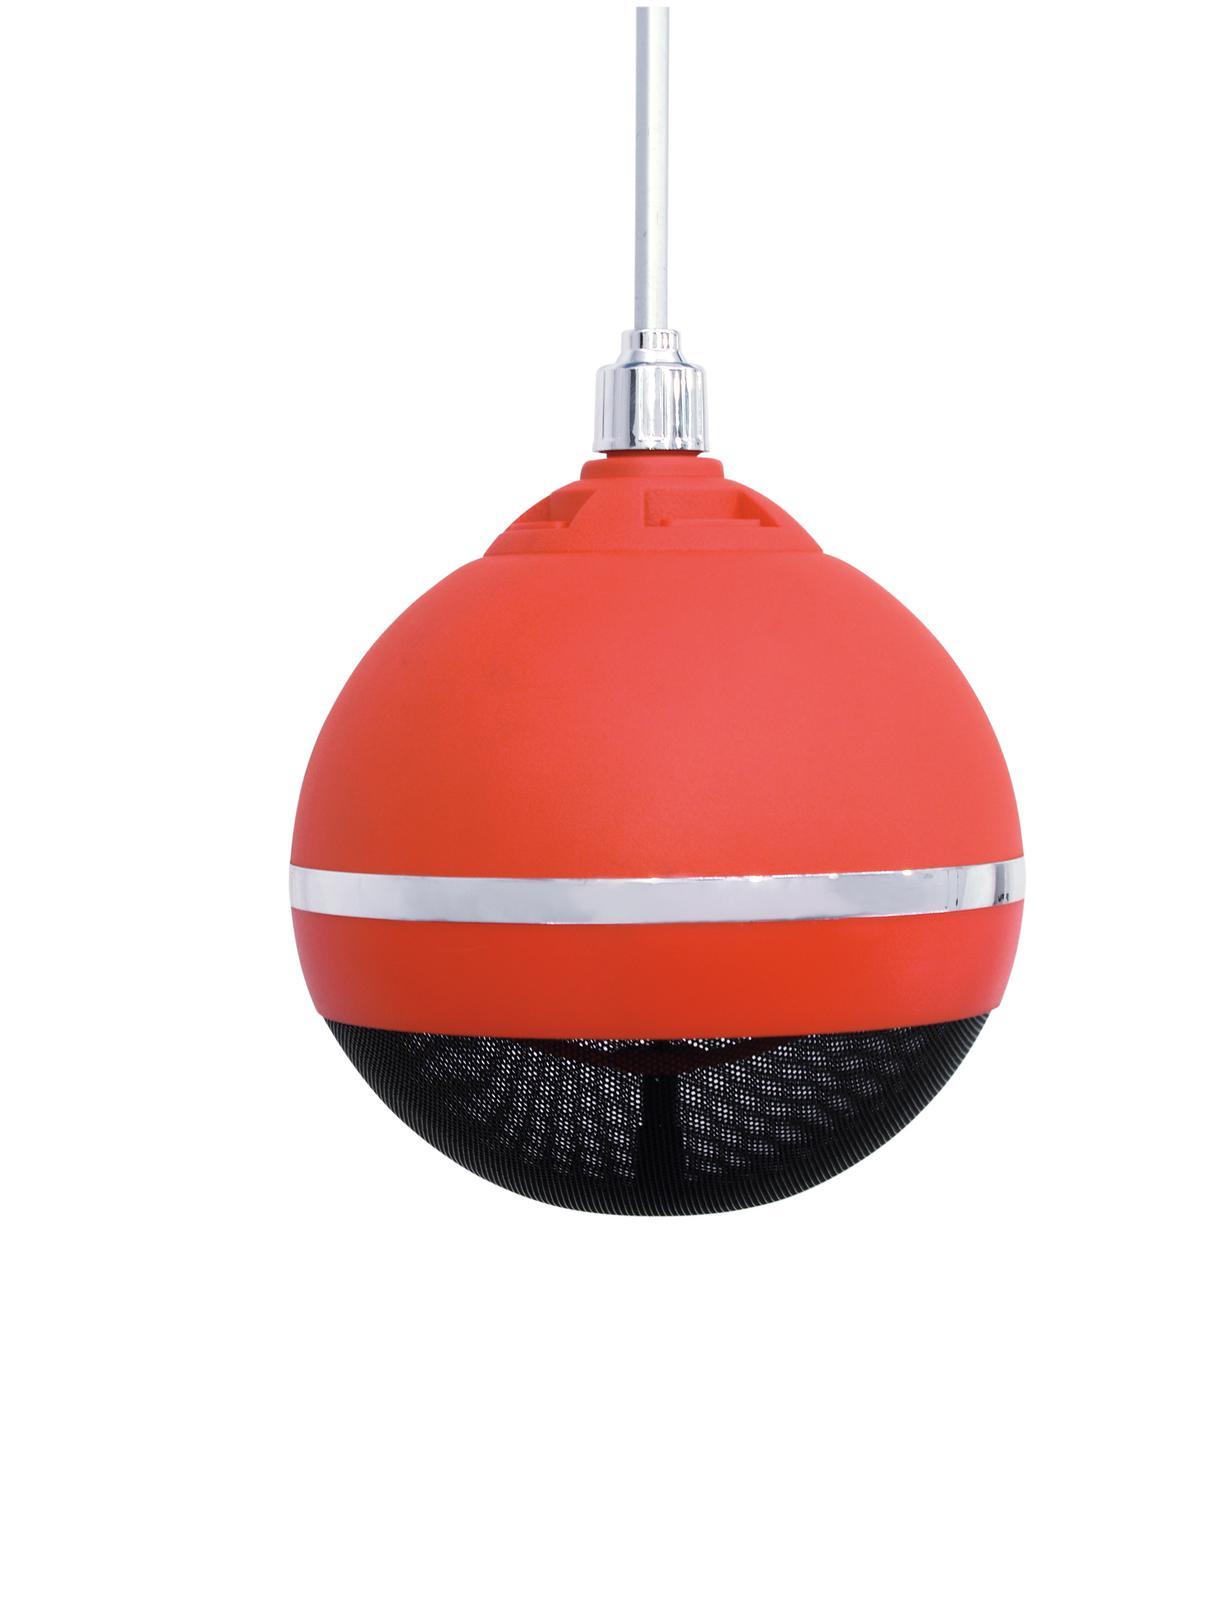 Cassa diffusore da soffitto parete lampadario 10 watt OMNITRONIC WPC-5R pa